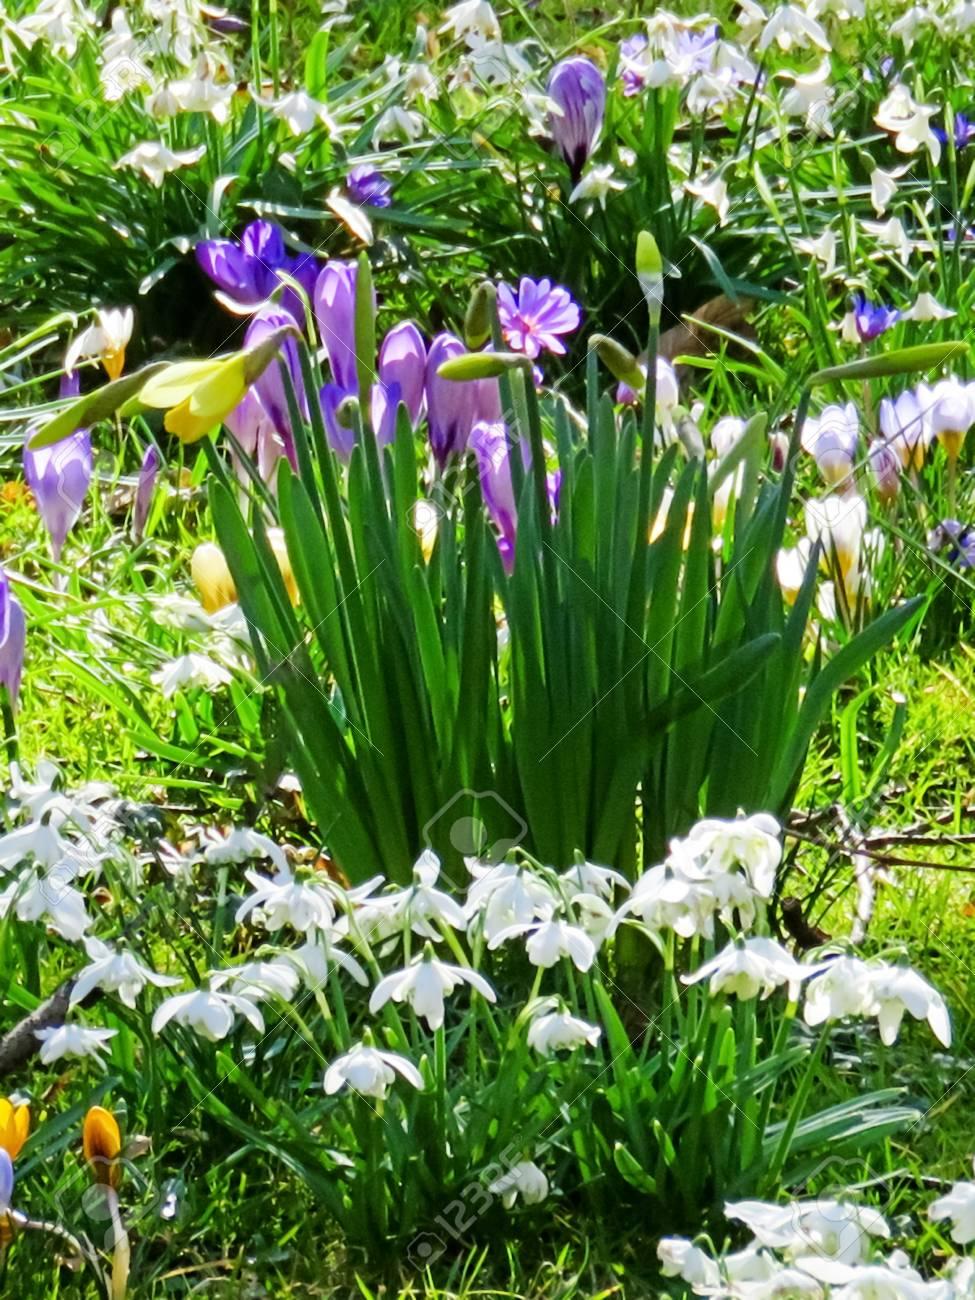 Frühlings Blumen Garten Anzeige Lizenzfreie Fotos Bilder Und Stock